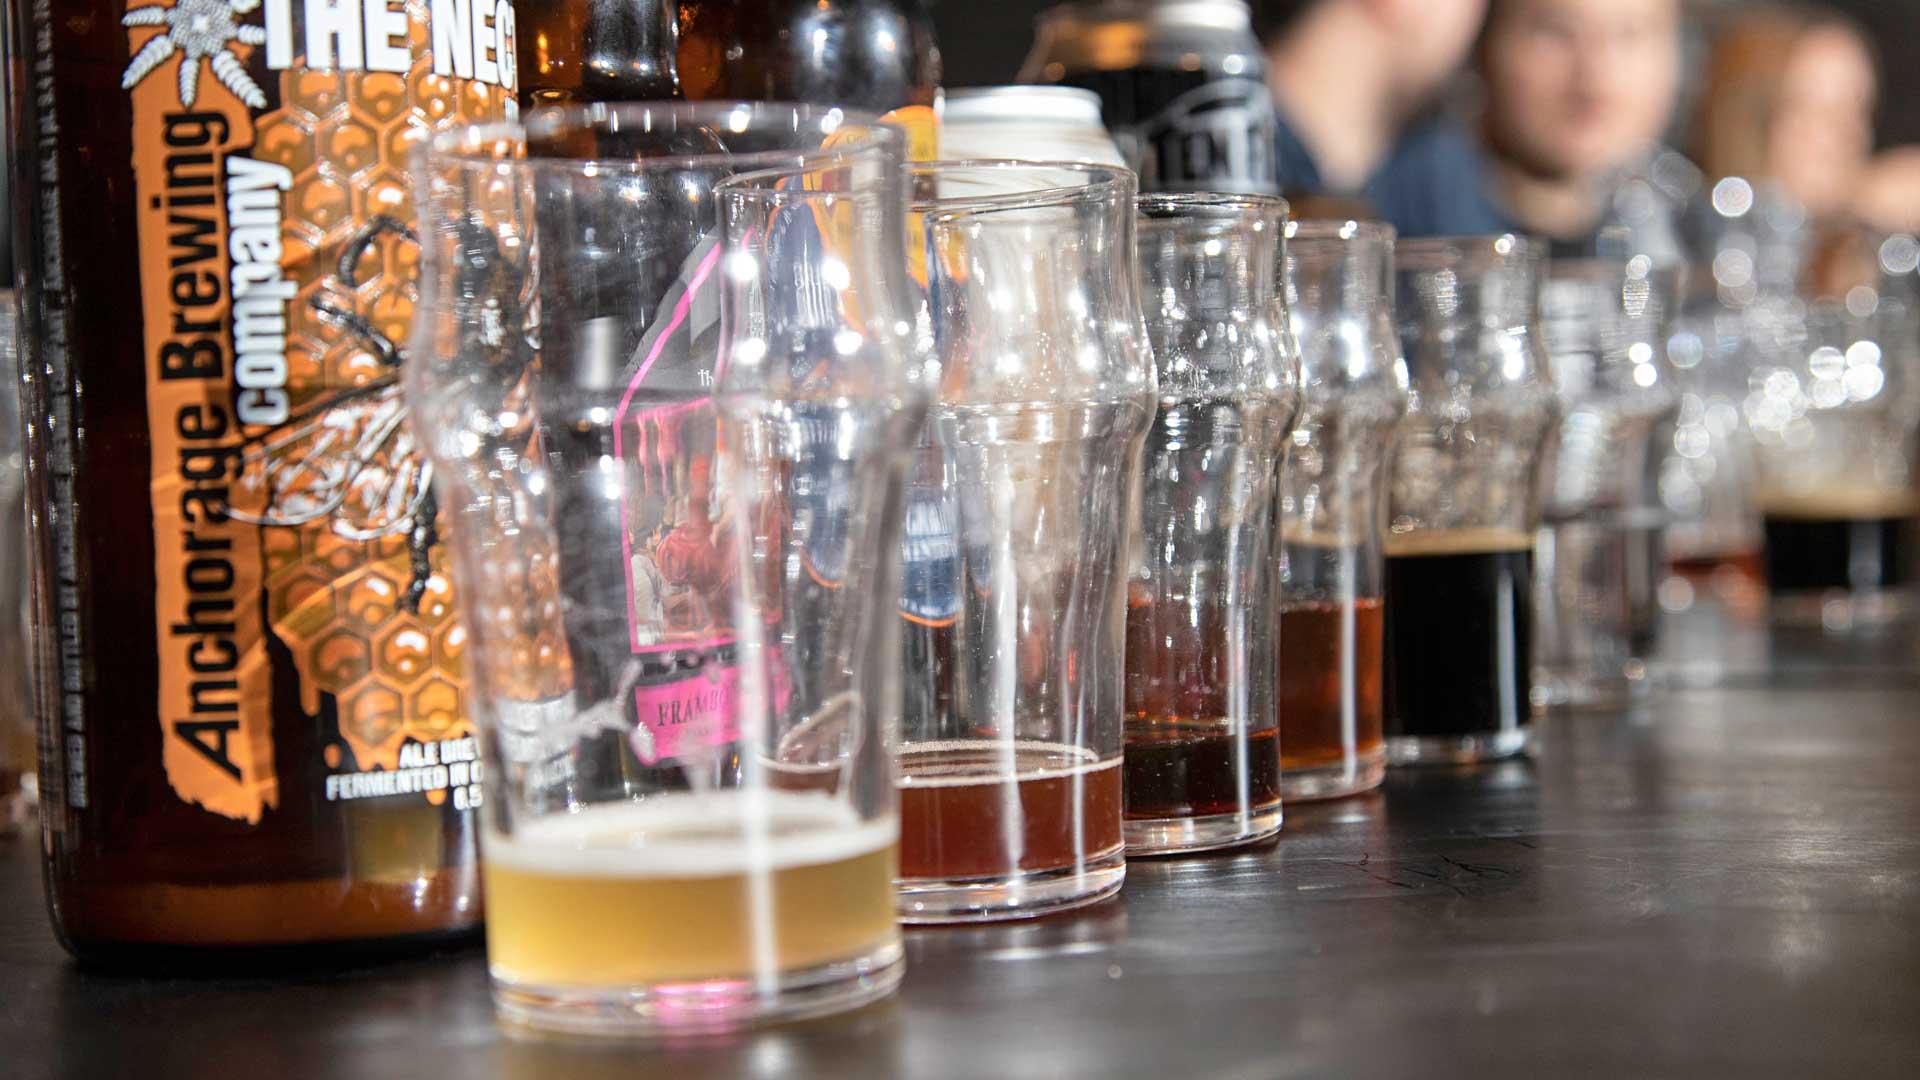 Jo väri paljastaa, että oluiden välillä on merkittäviä eroja.